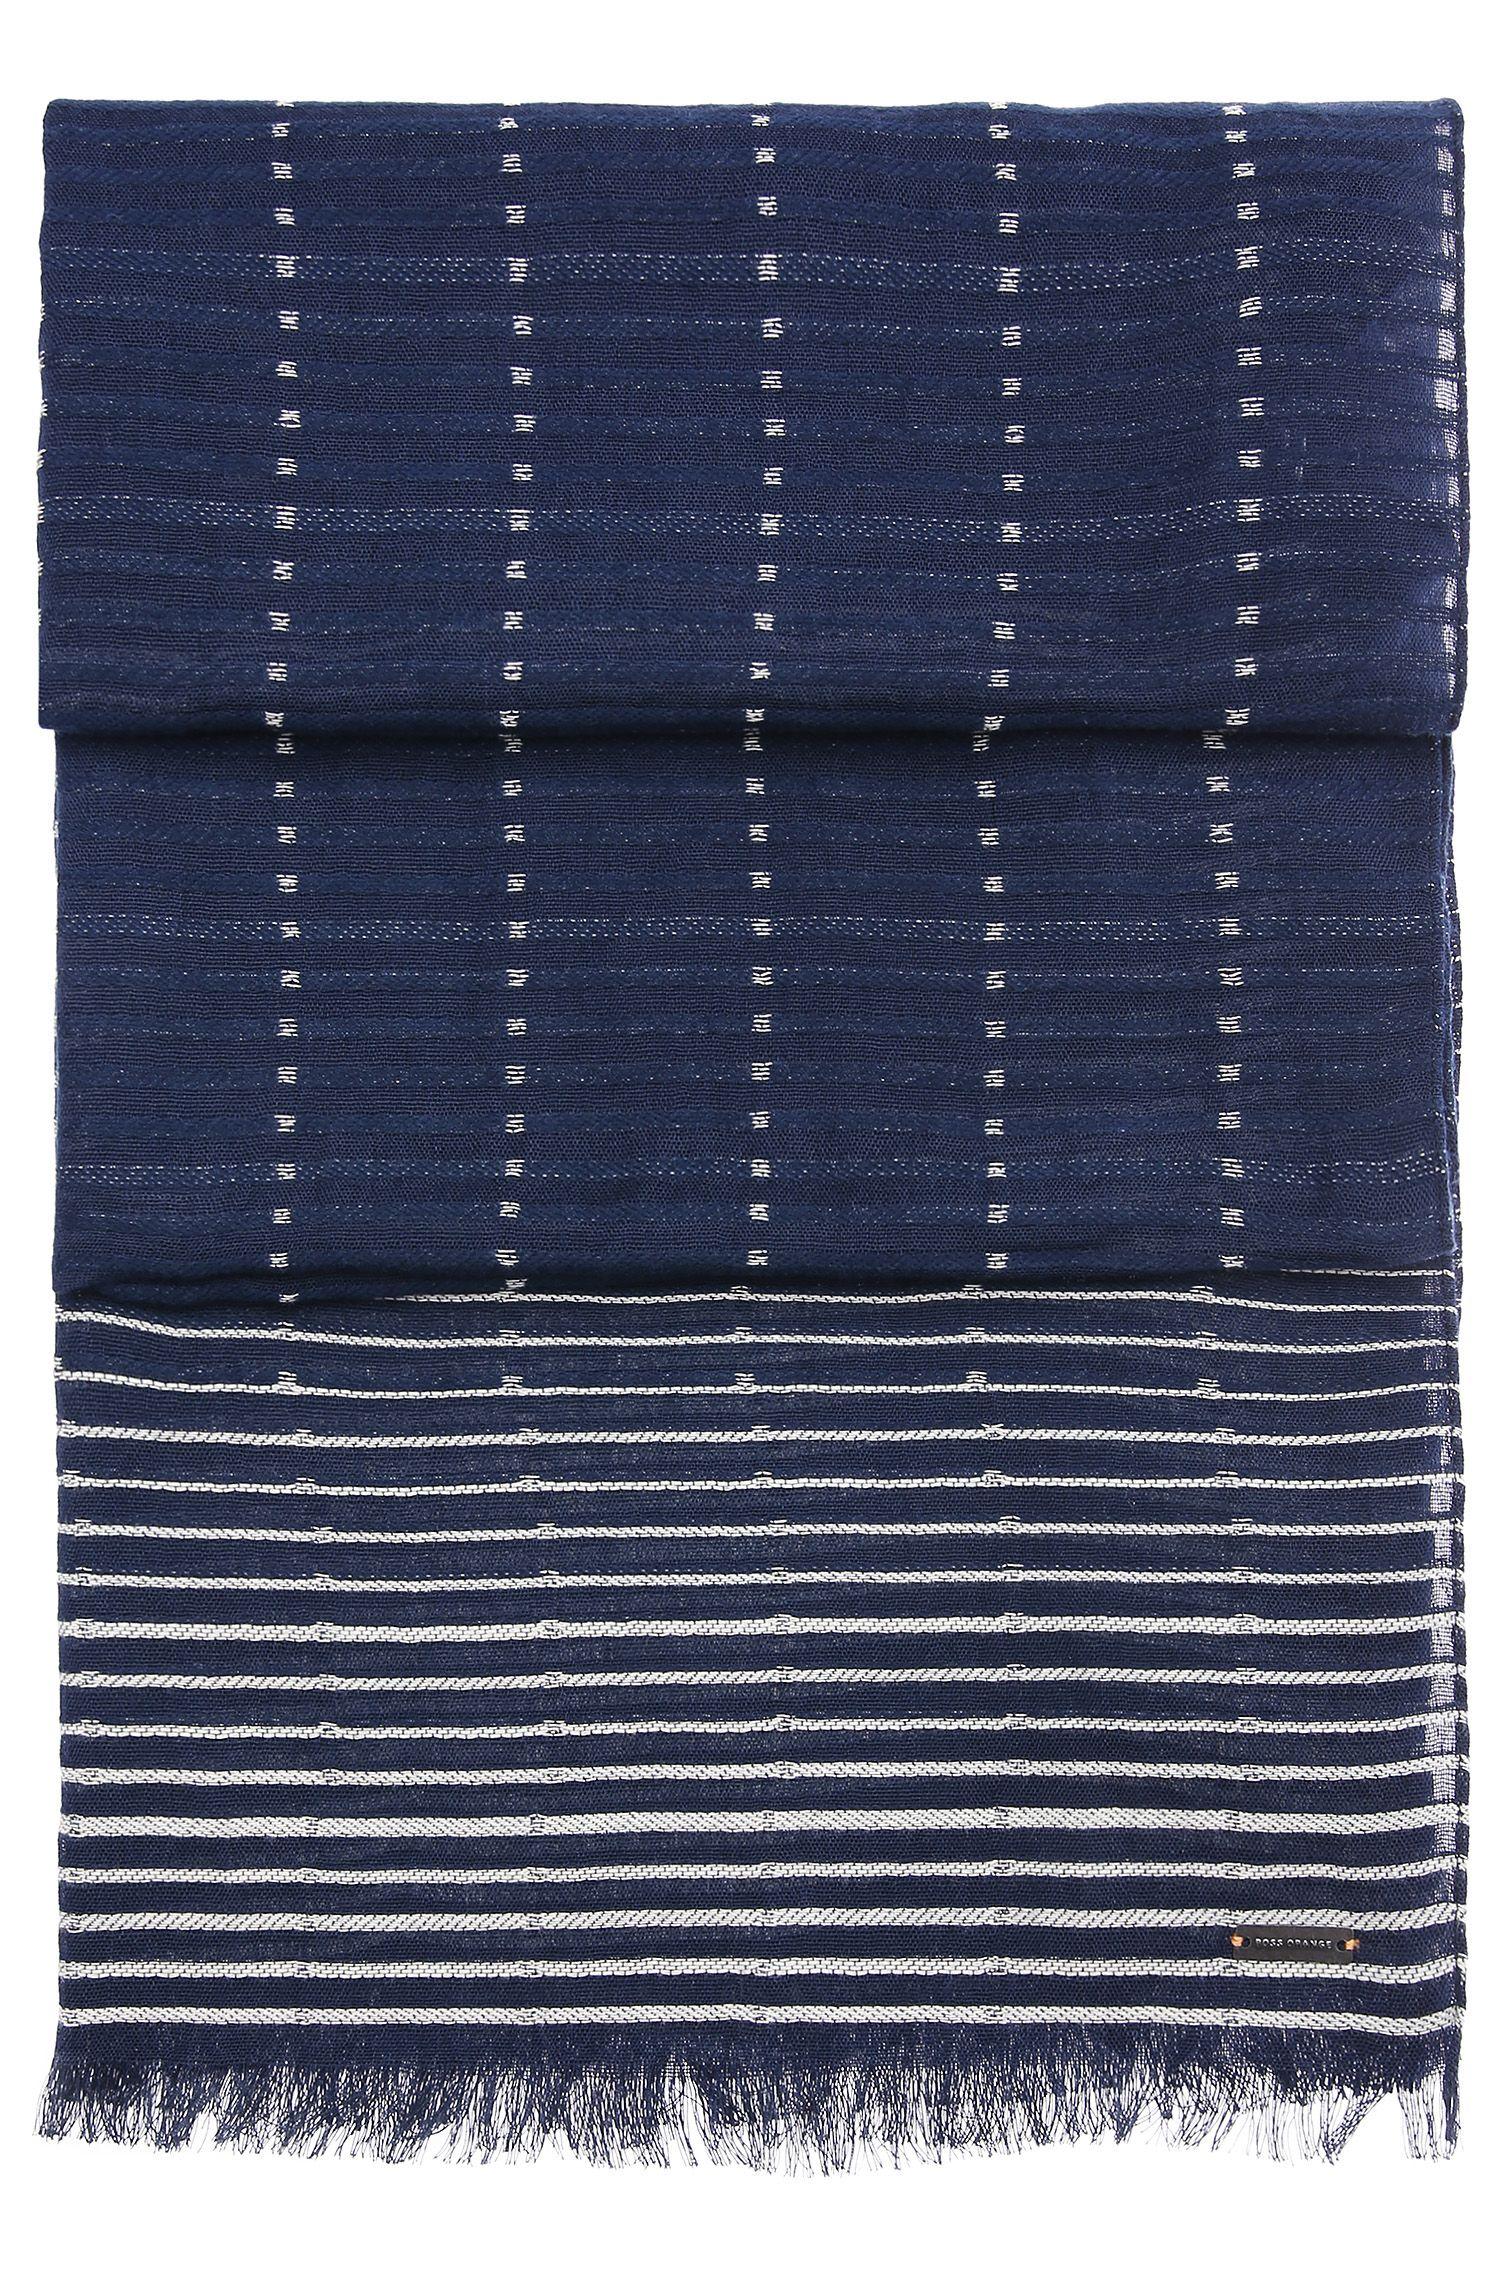 Katoenen sjaal met strepen, korte franjes en dessin: 'Nikolei'